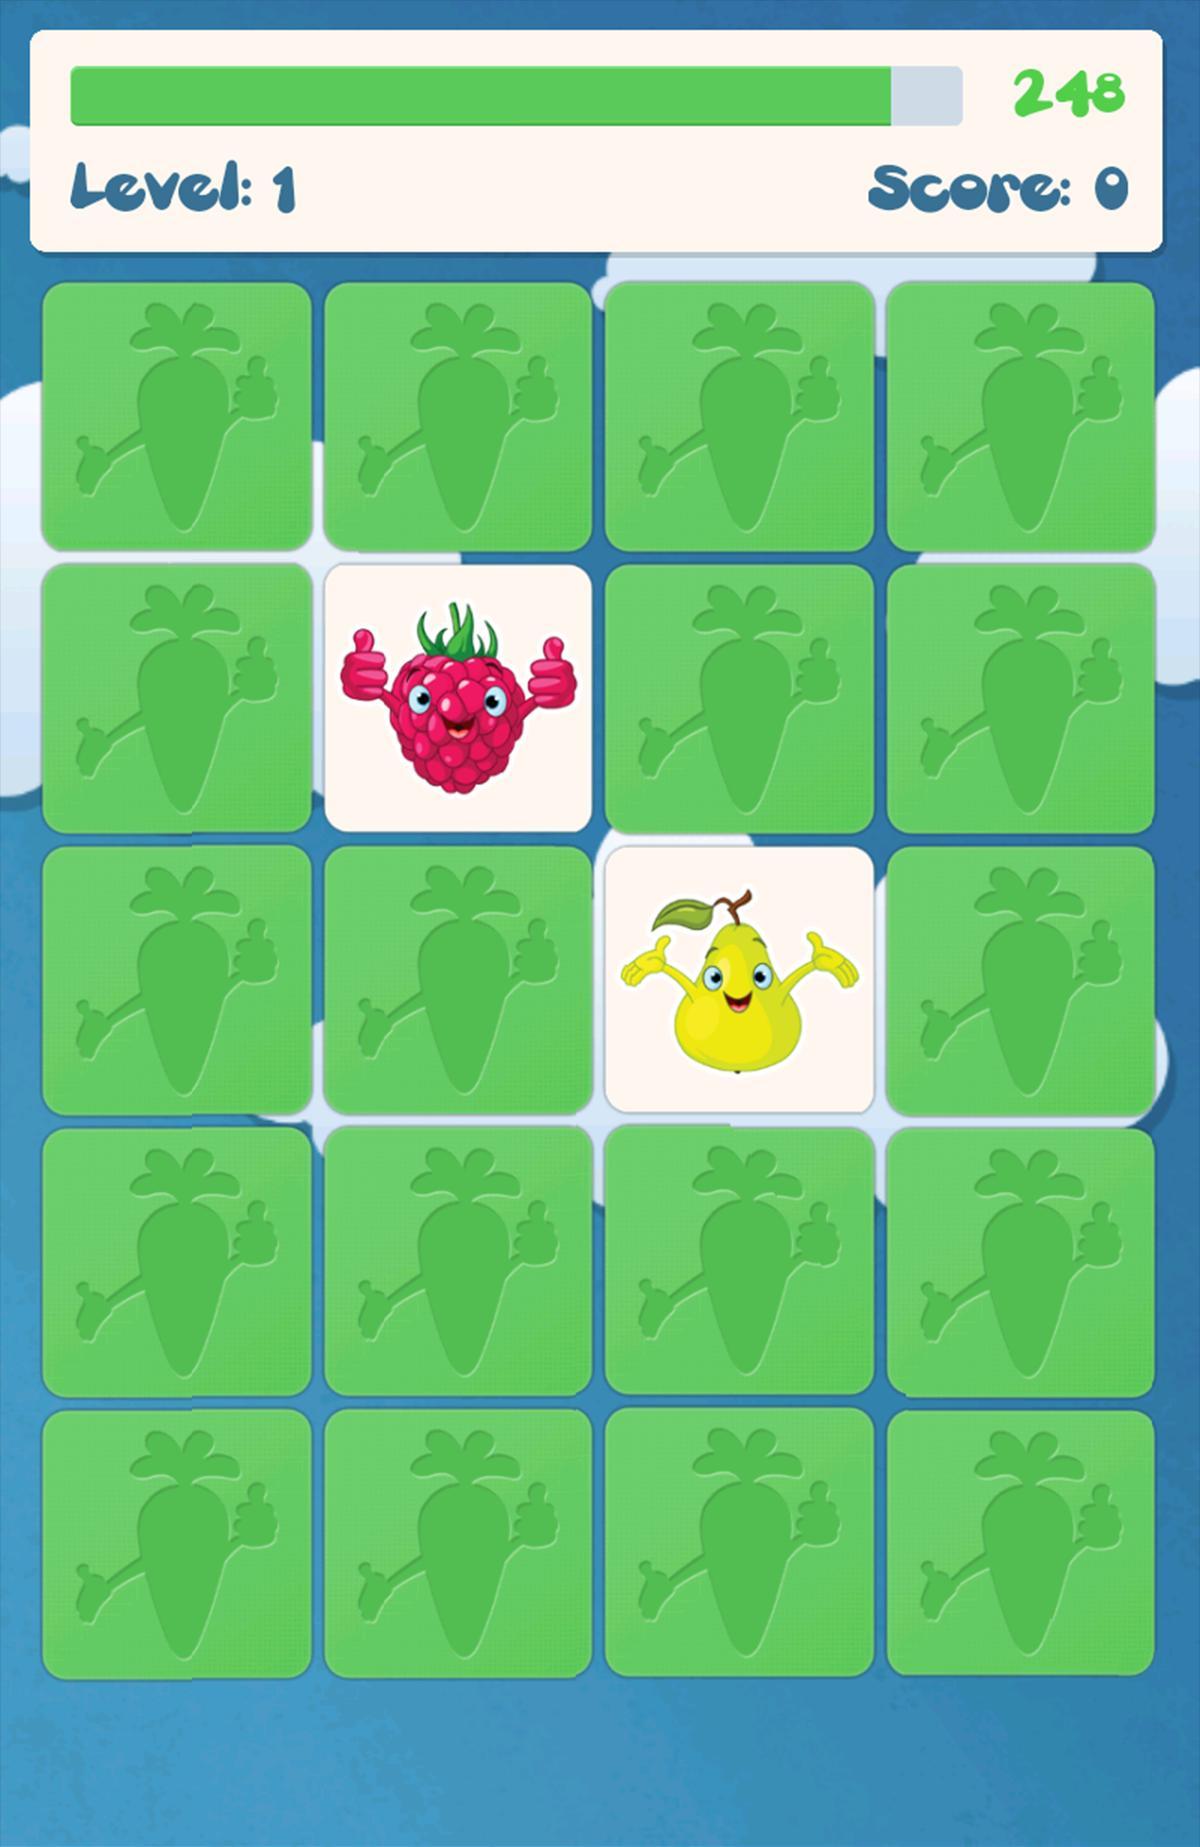 Jeux De Mémoire Pour Enfants Pour Android - Téléchargez L'apk serapportantà Jeux De Memoire Pour Enfant